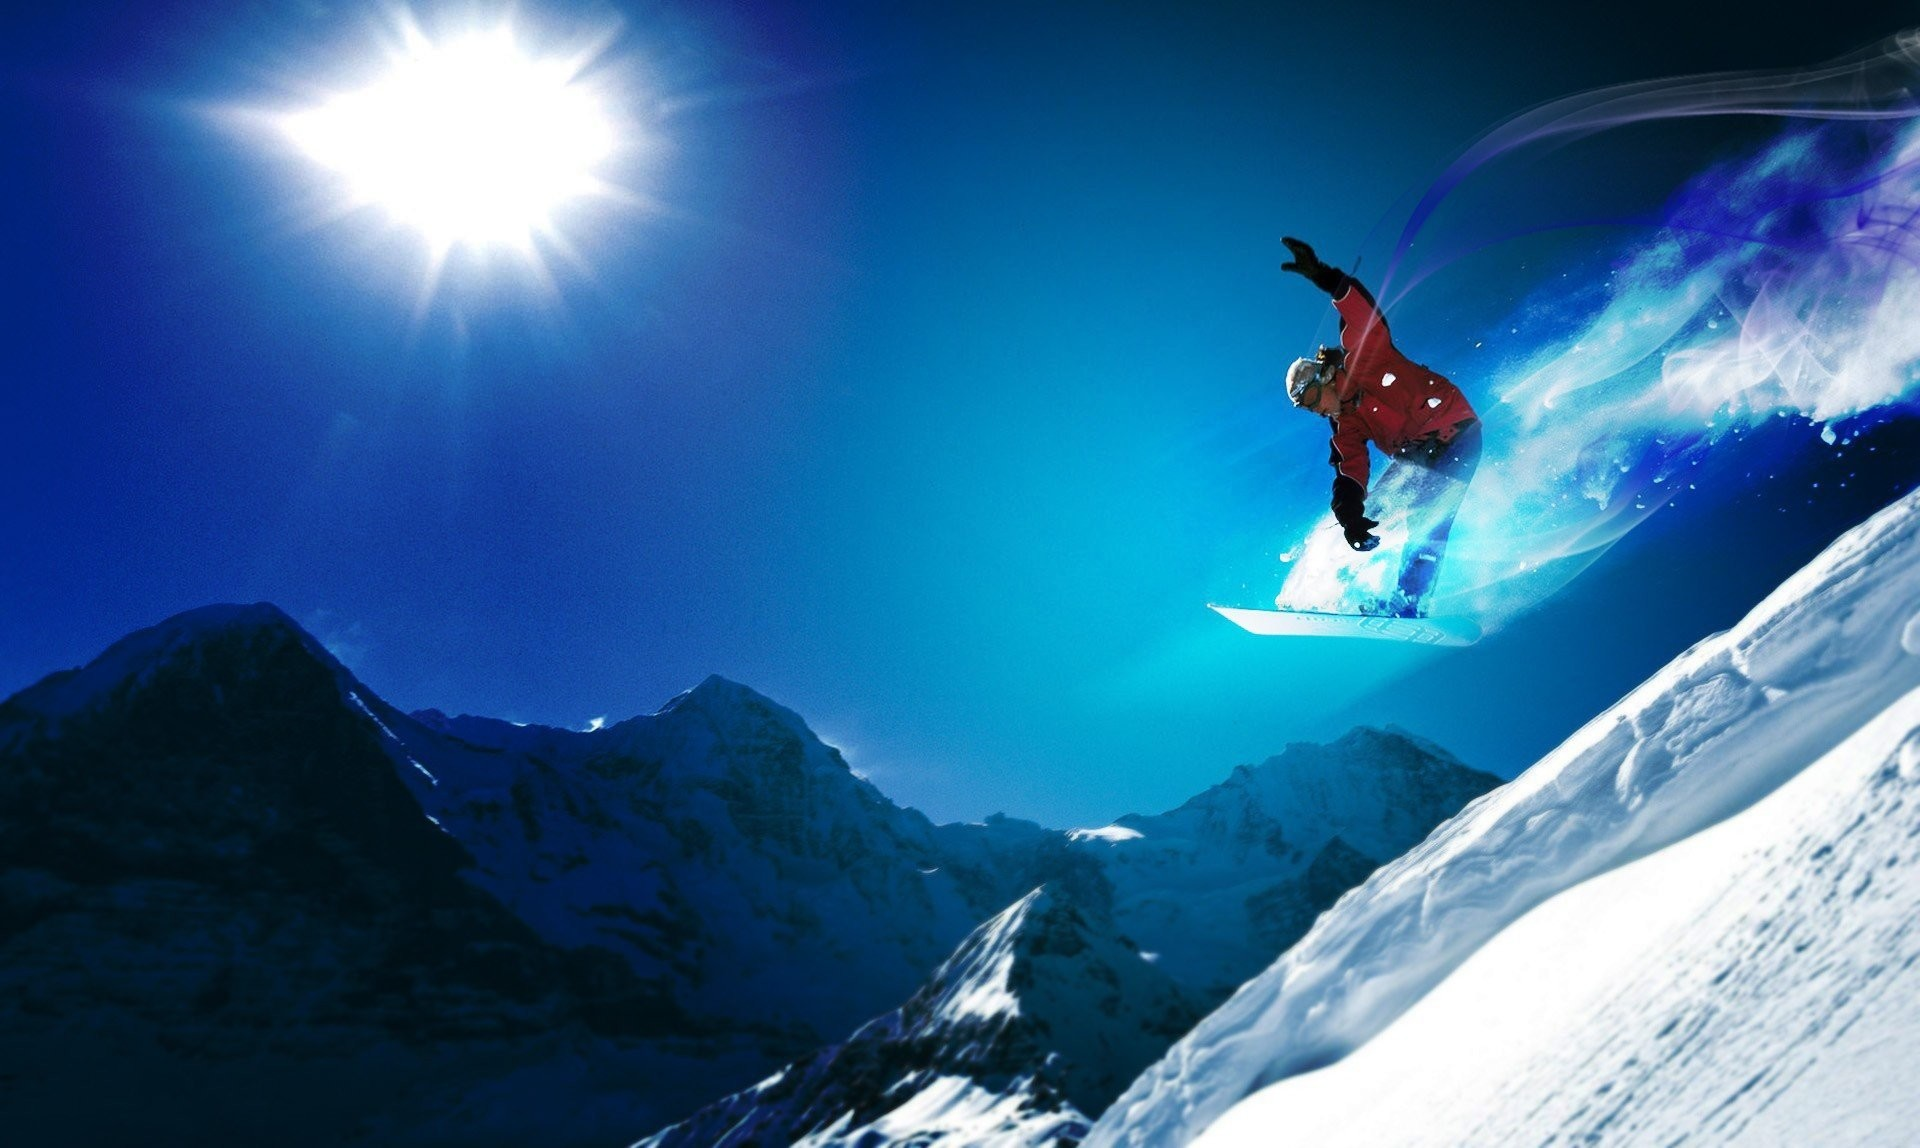 snowboard mountain extreme snowboard